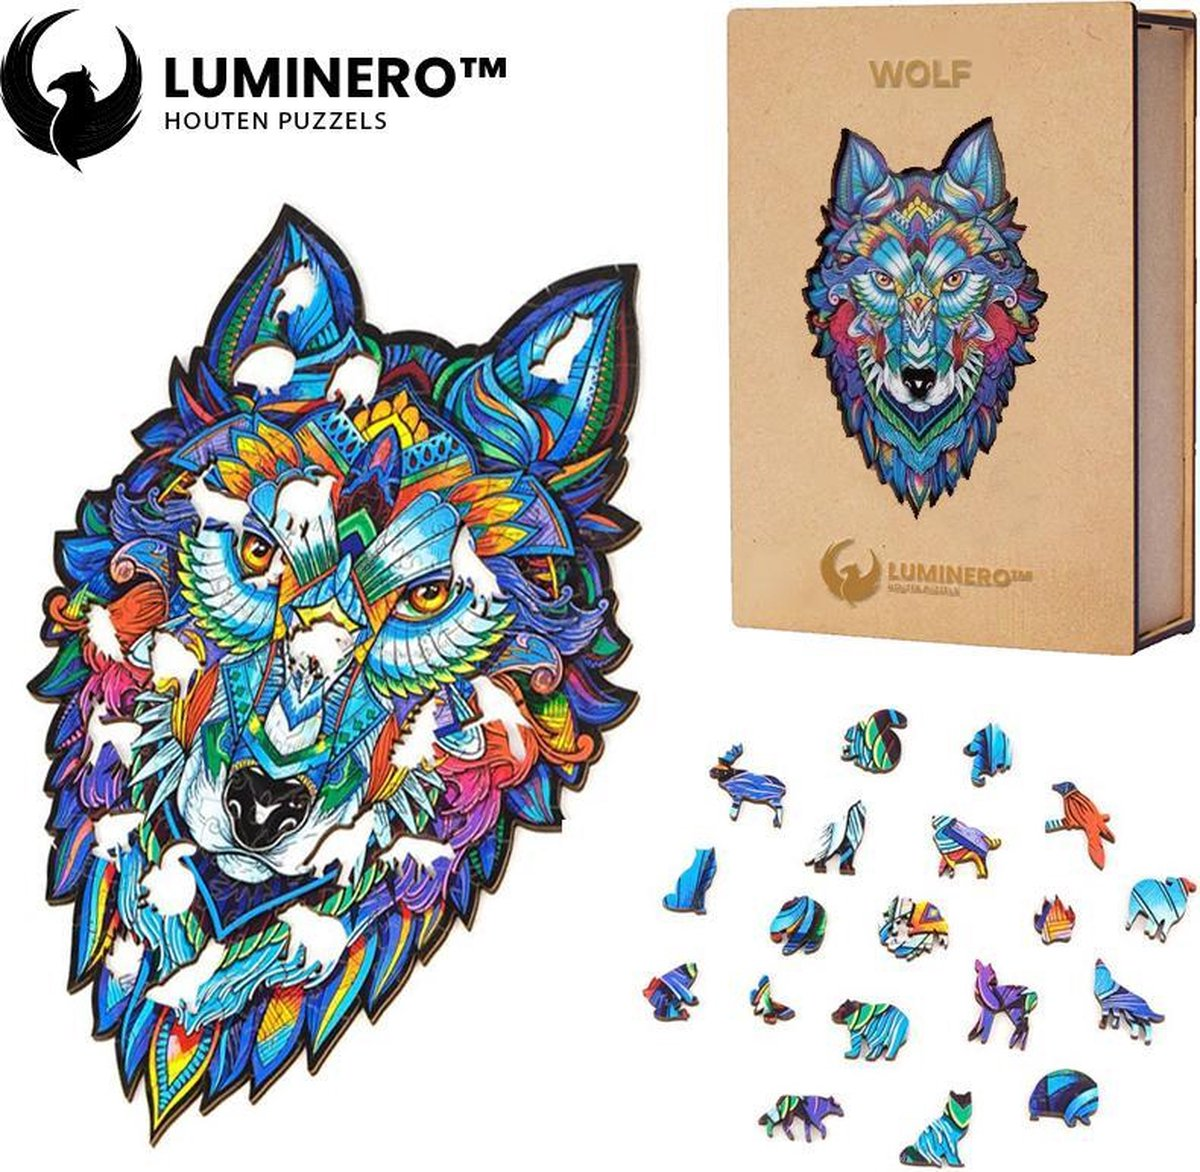 Luminero™ Houten Wolf Jigsaw Puzzel - A3 Formaat Jigsaw - Unieke 3D Puzzels - Huisdecoratie - Wooden Puzzle - Volwassenen & Kinderen - Incl. Houten Doos